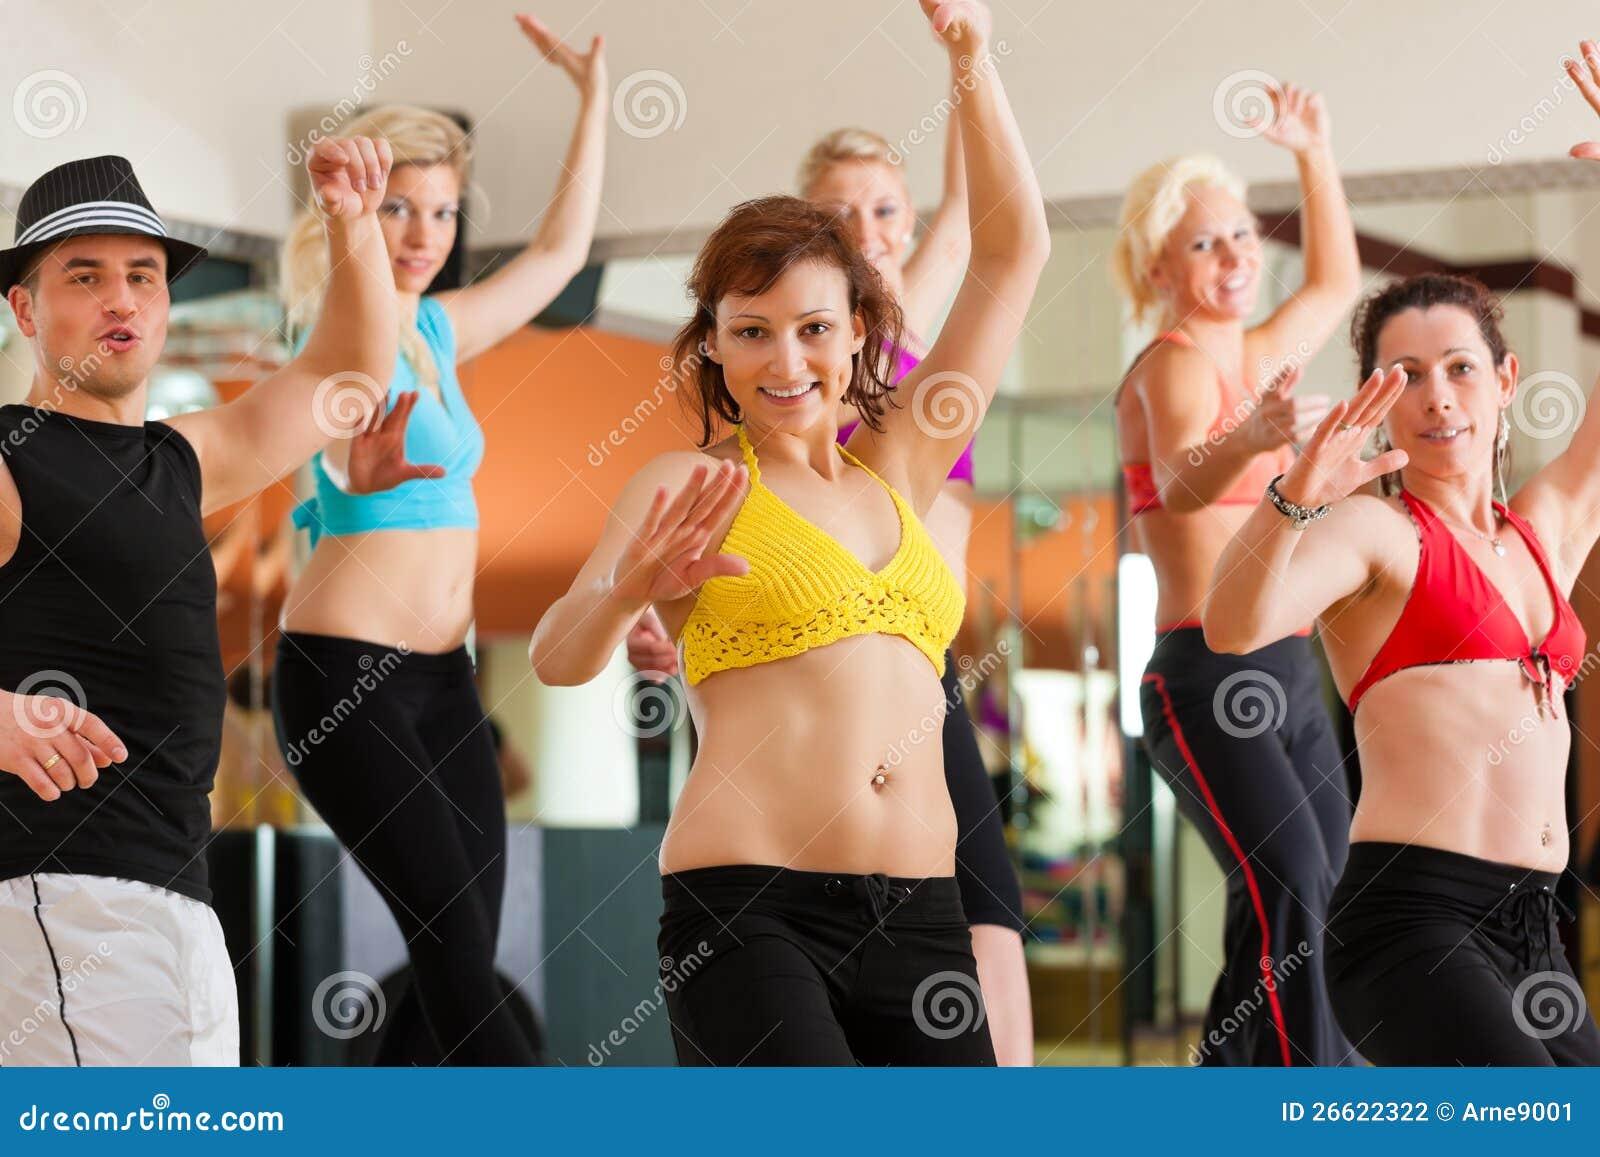 zumba или jazzdance - танцы людей в студии Стоковое Фото